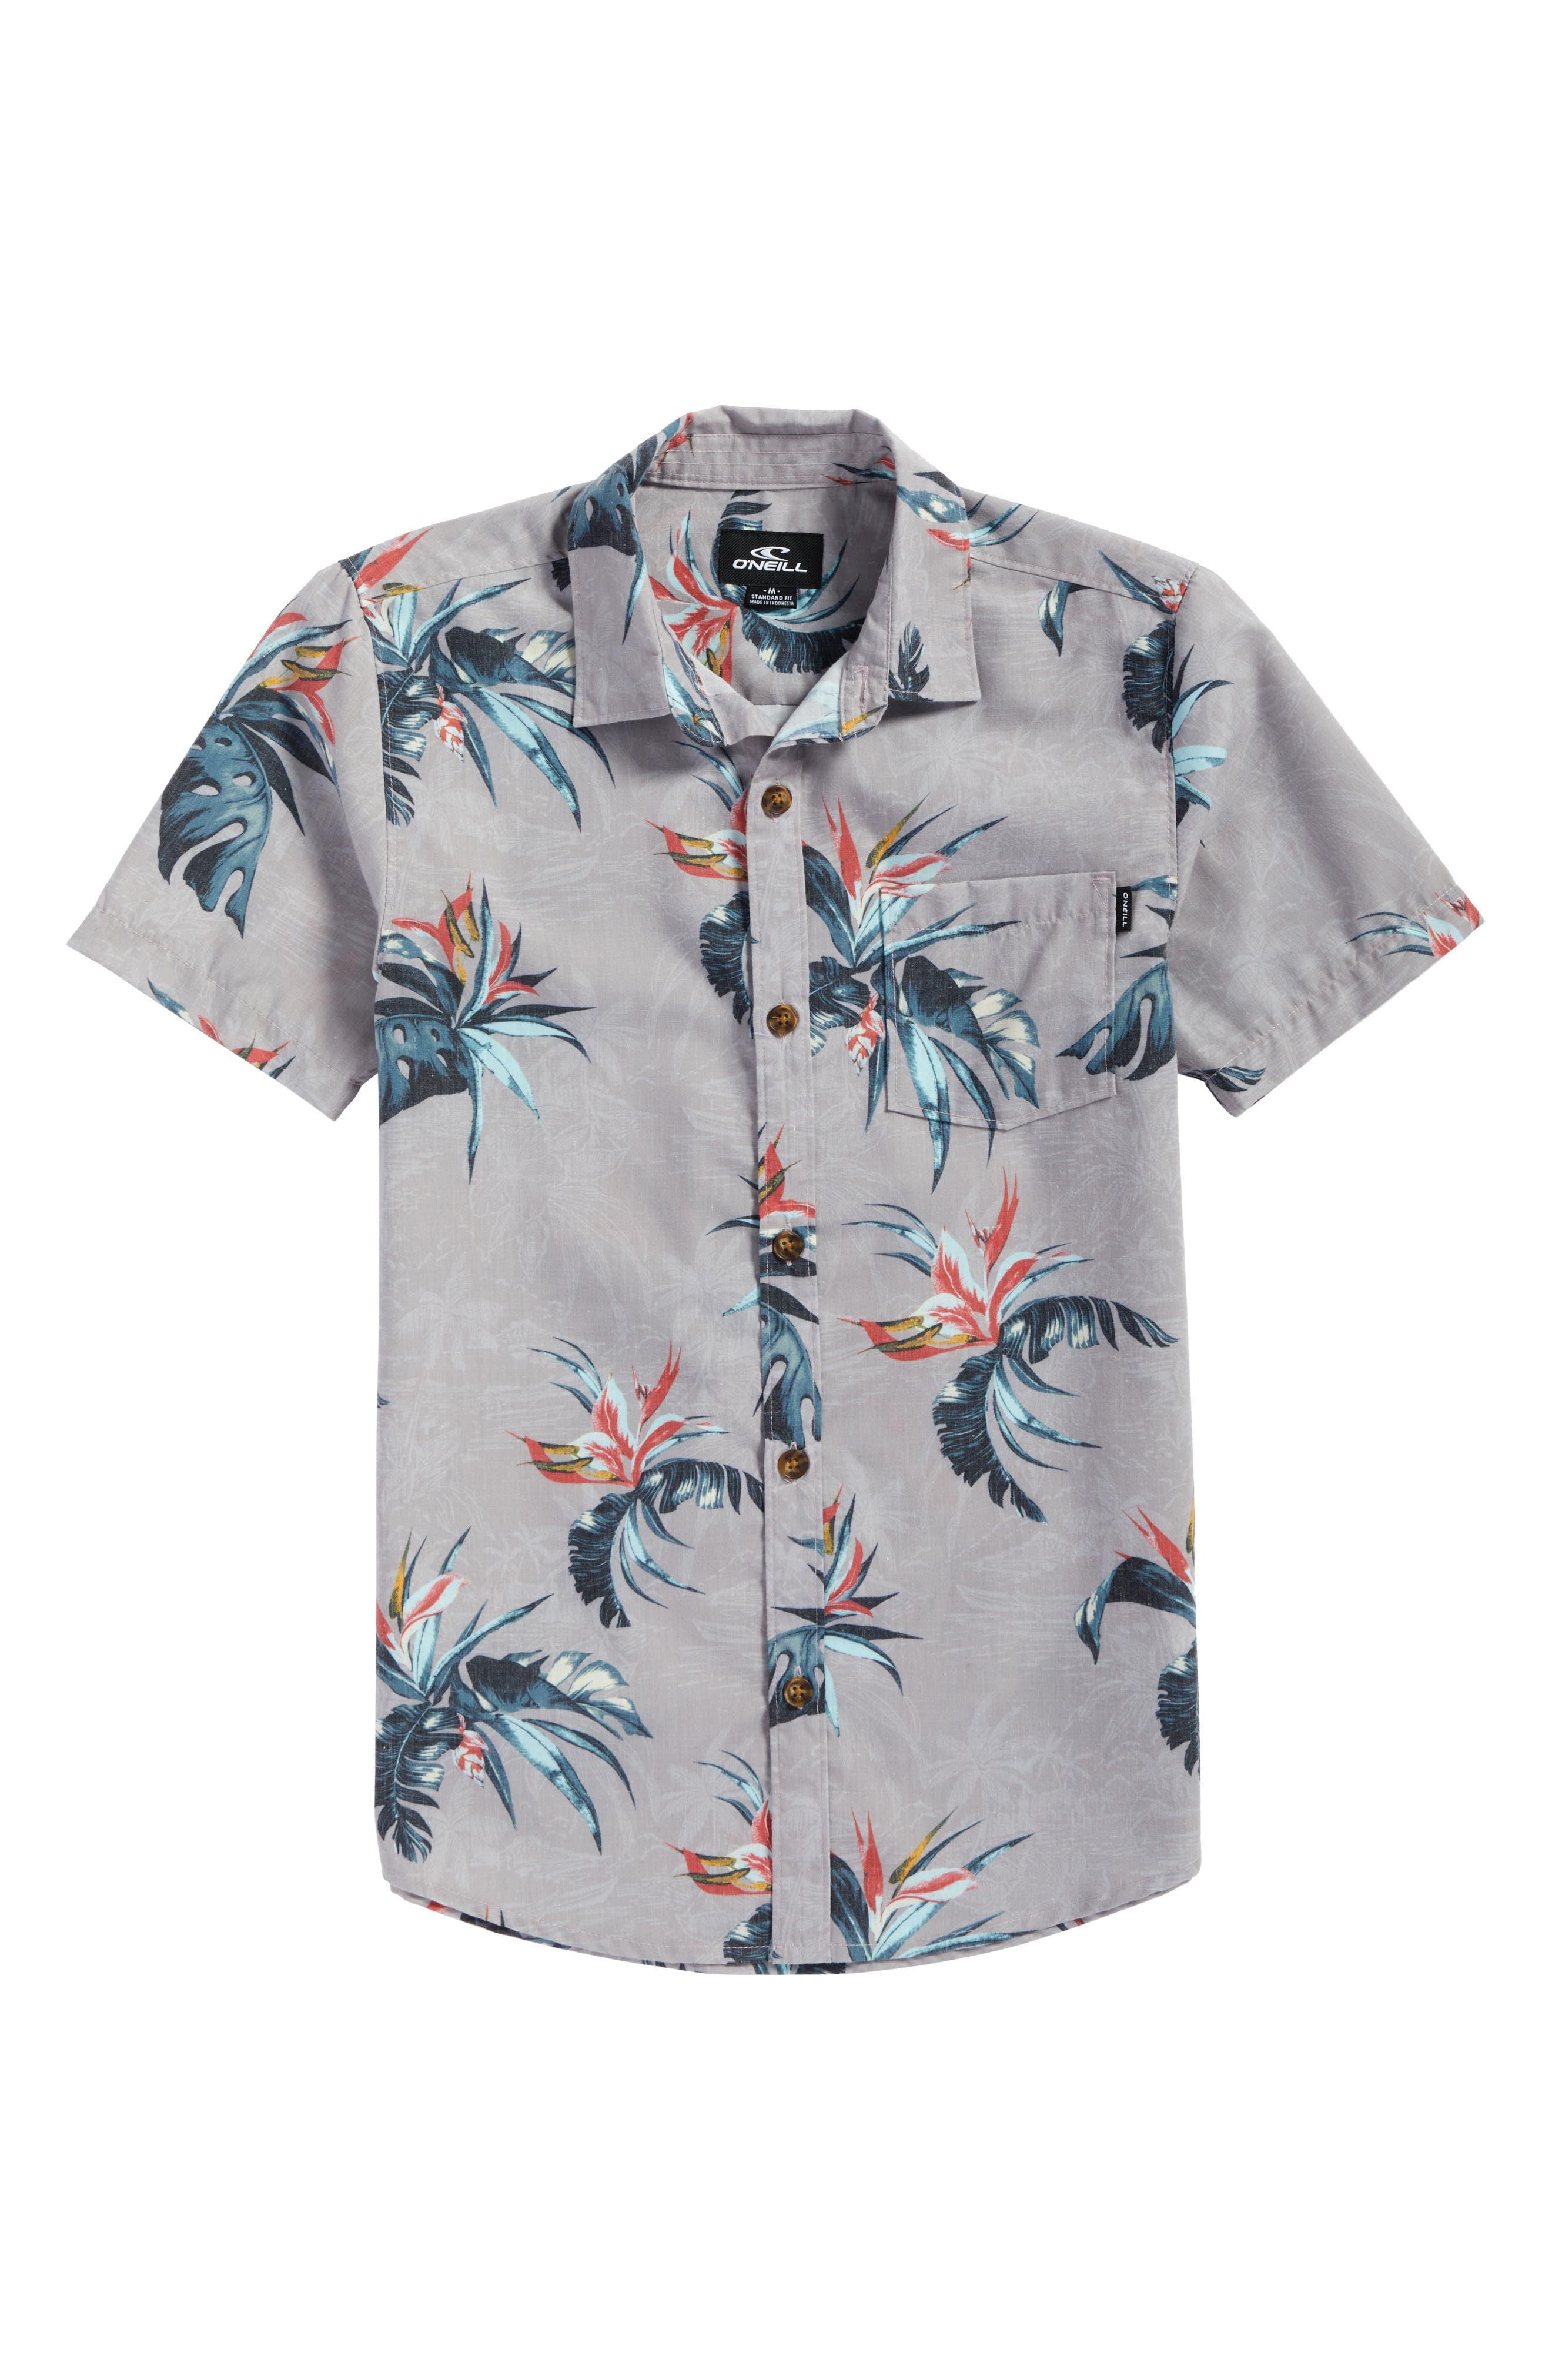 Islander Short Sleeve Shirt,                         Main,                         color, Light Grey